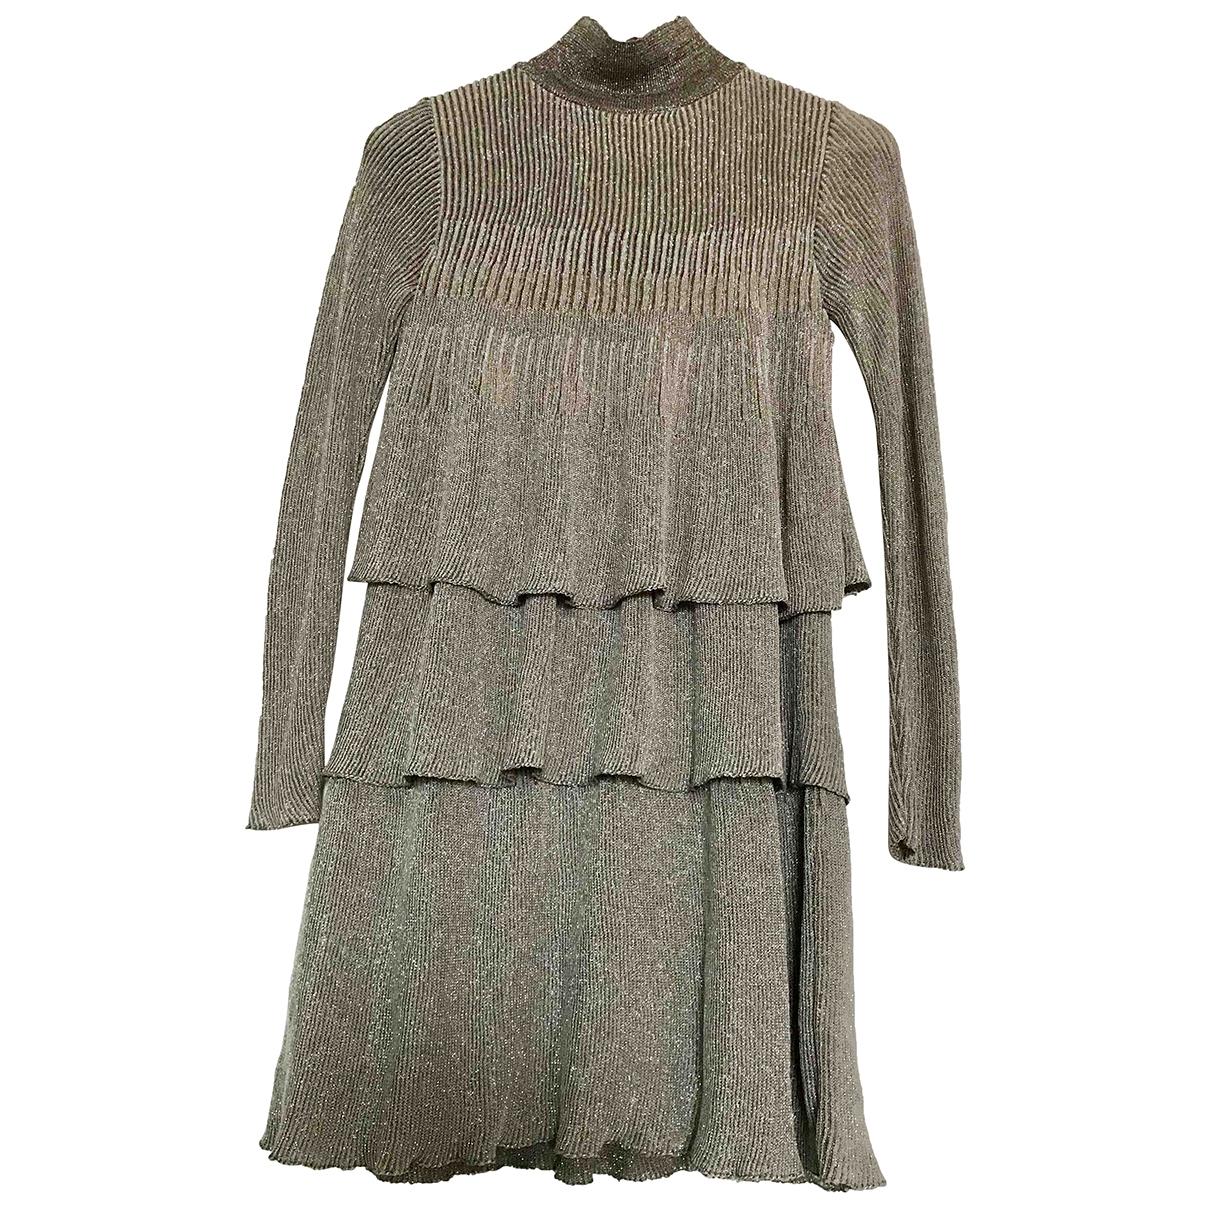 Zara \N Gold dress for Women S International